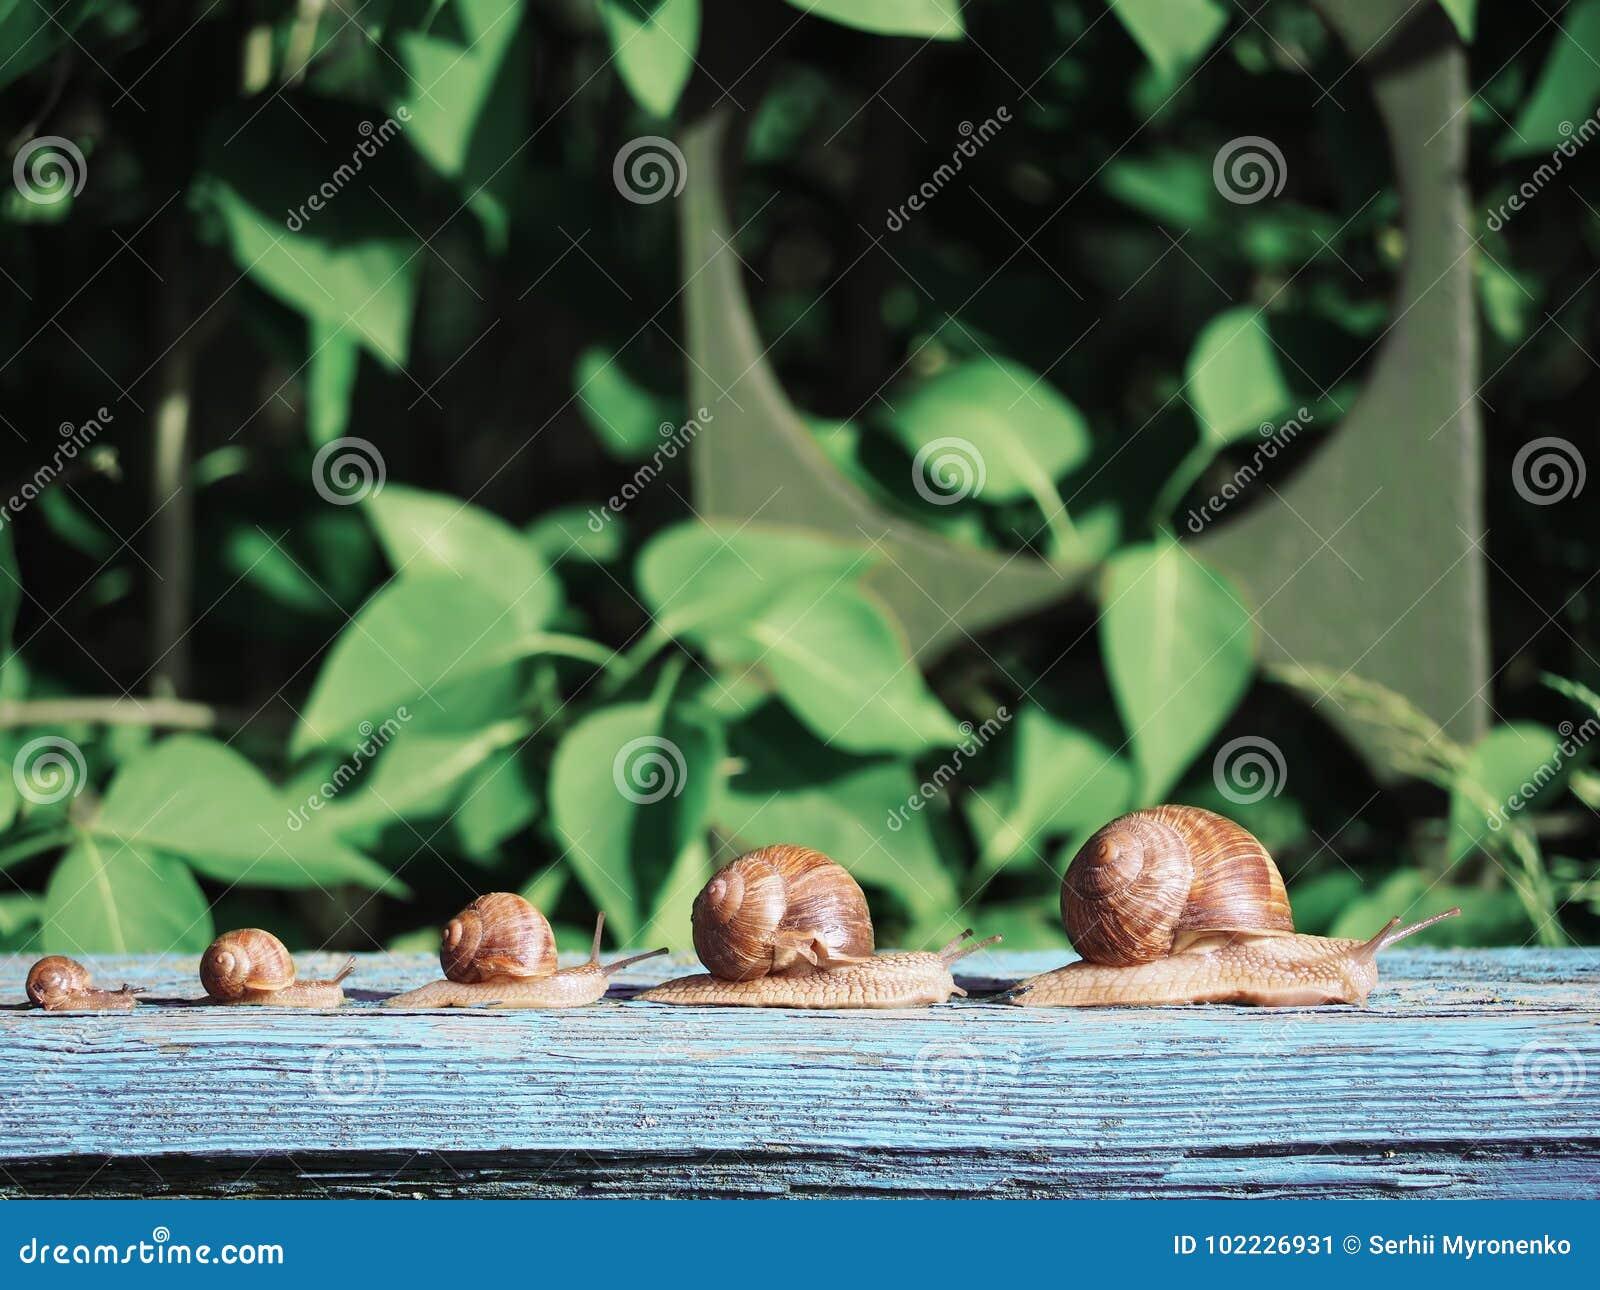 Marrom do caracol no backgroud verde que compete na madeira